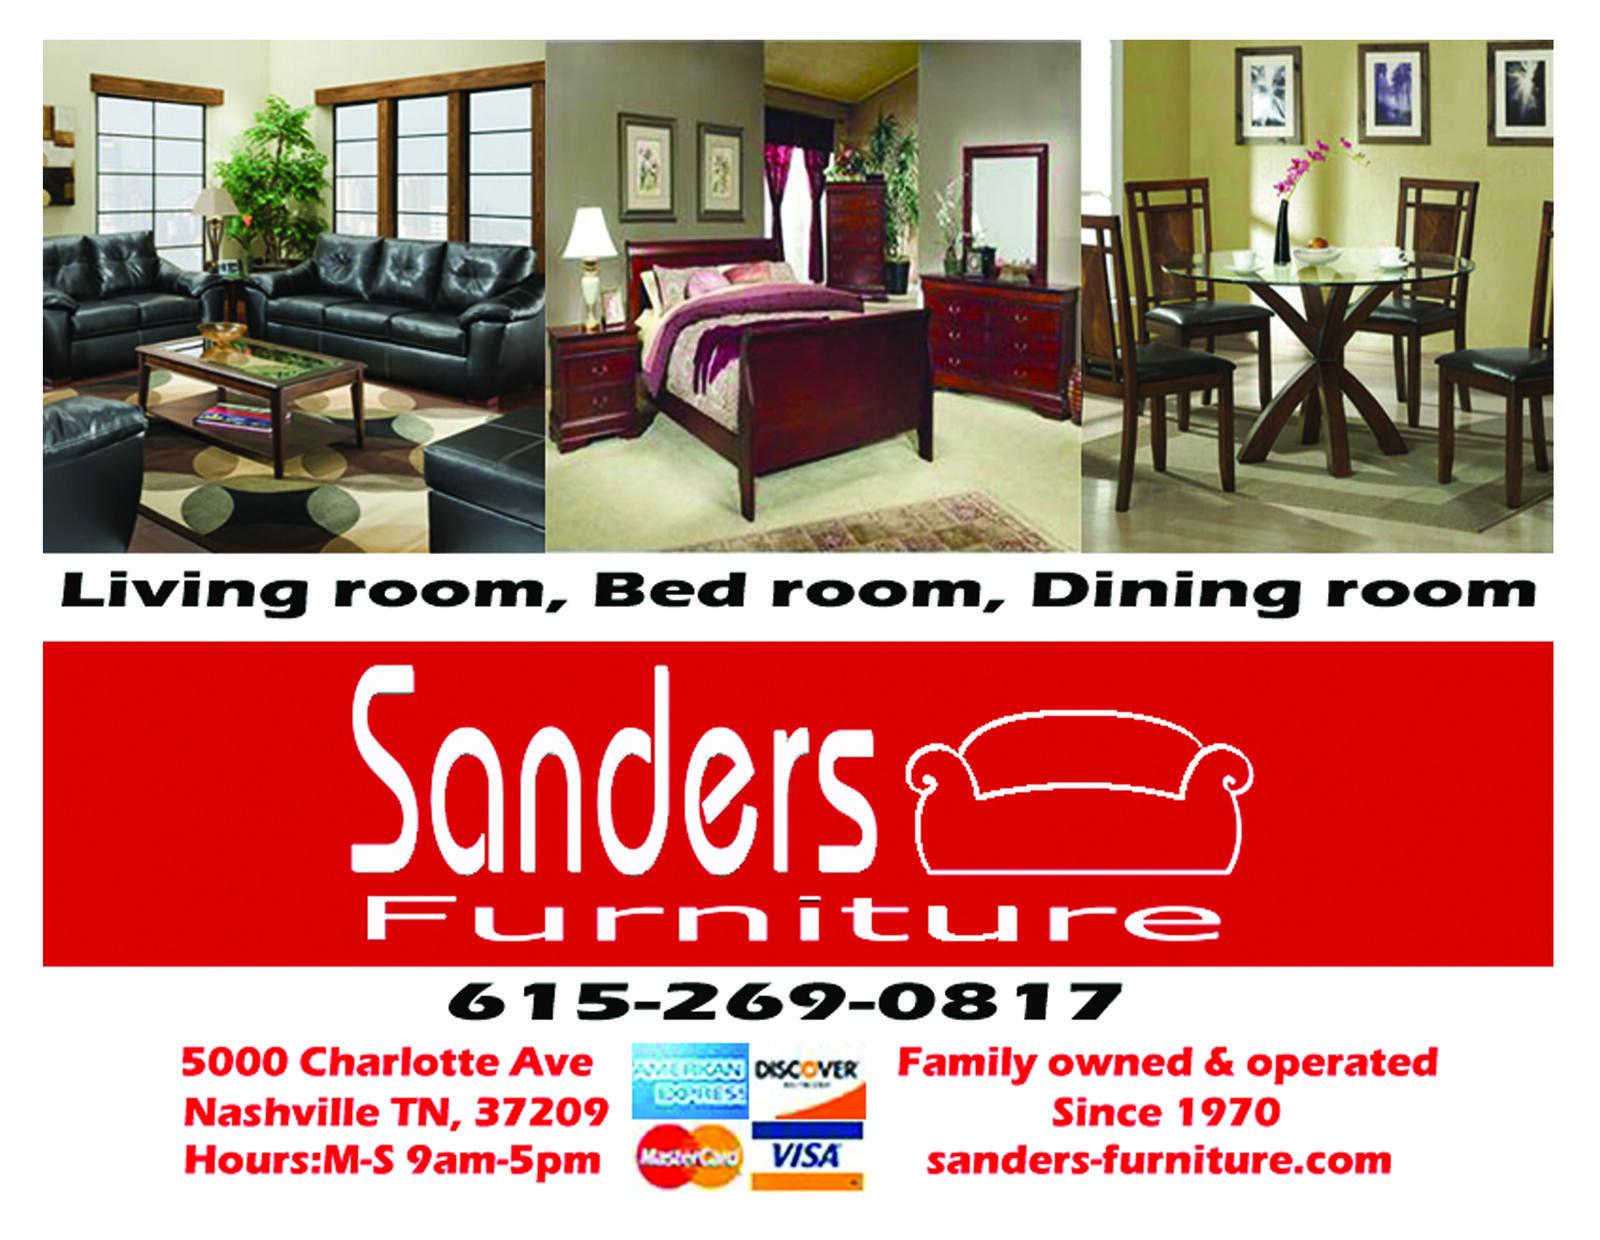 Sanders Furniture Stores Jpg 1600x1240 Sanders Furniture Stores